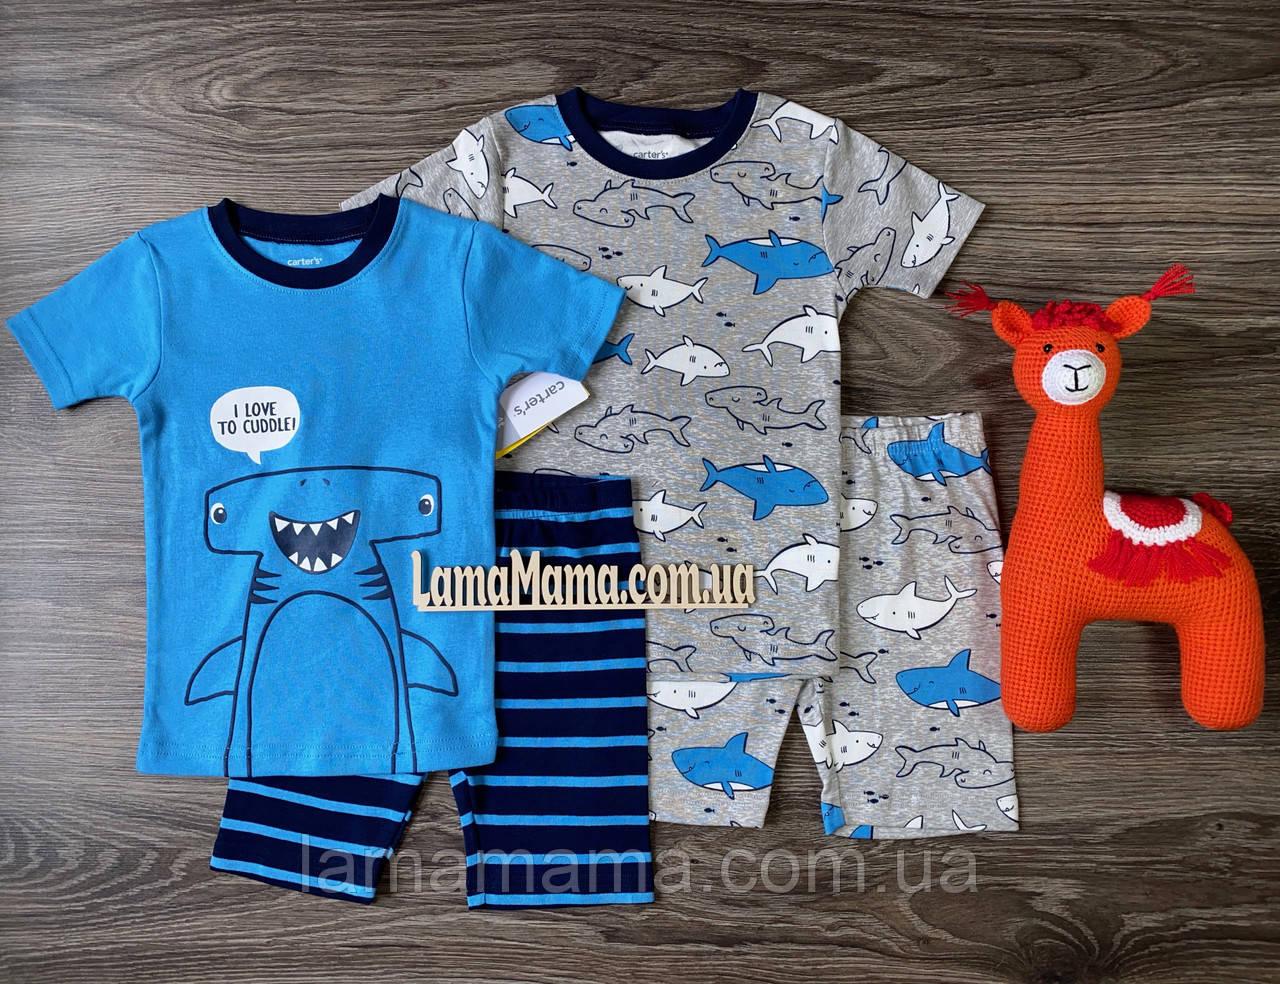 Набор хлопковых пижам Акула-молот Картерс Carter's 4-Piece 100% Snug Fit Cotton PJs